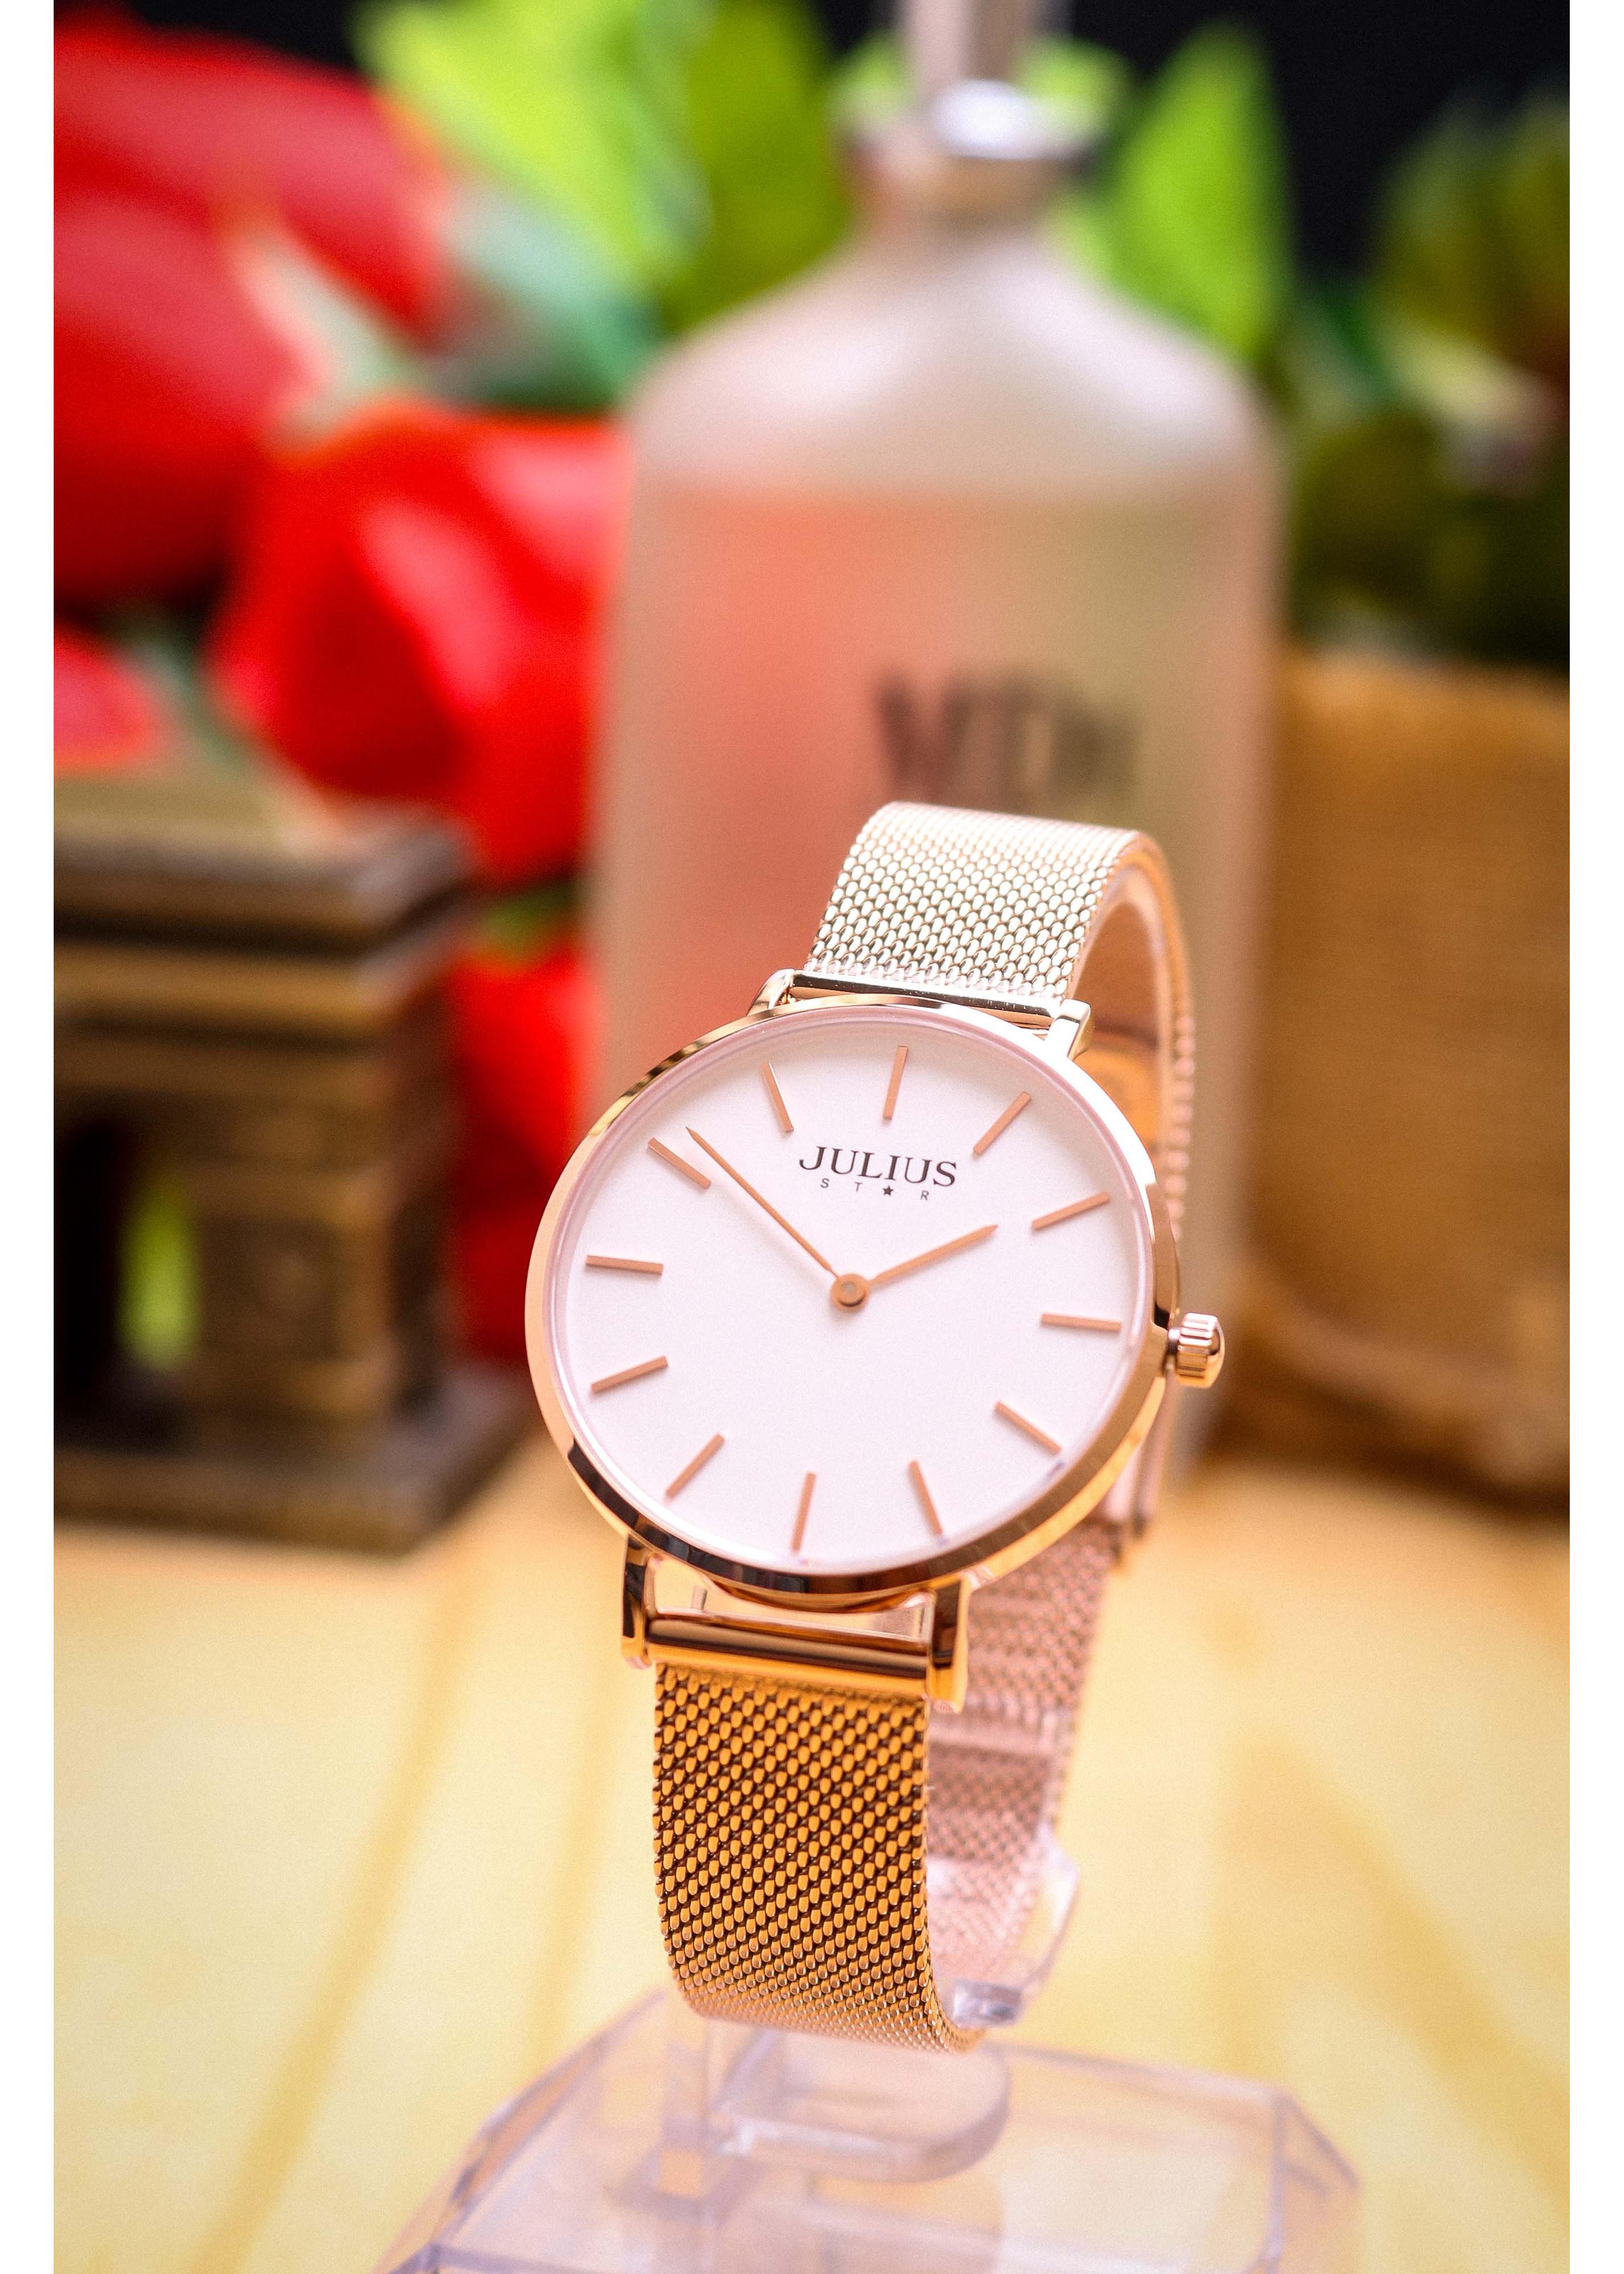 Đồng hồ nữ Julius Star Hàn Quốc js-027 siêu mỏng (nhiều màu)